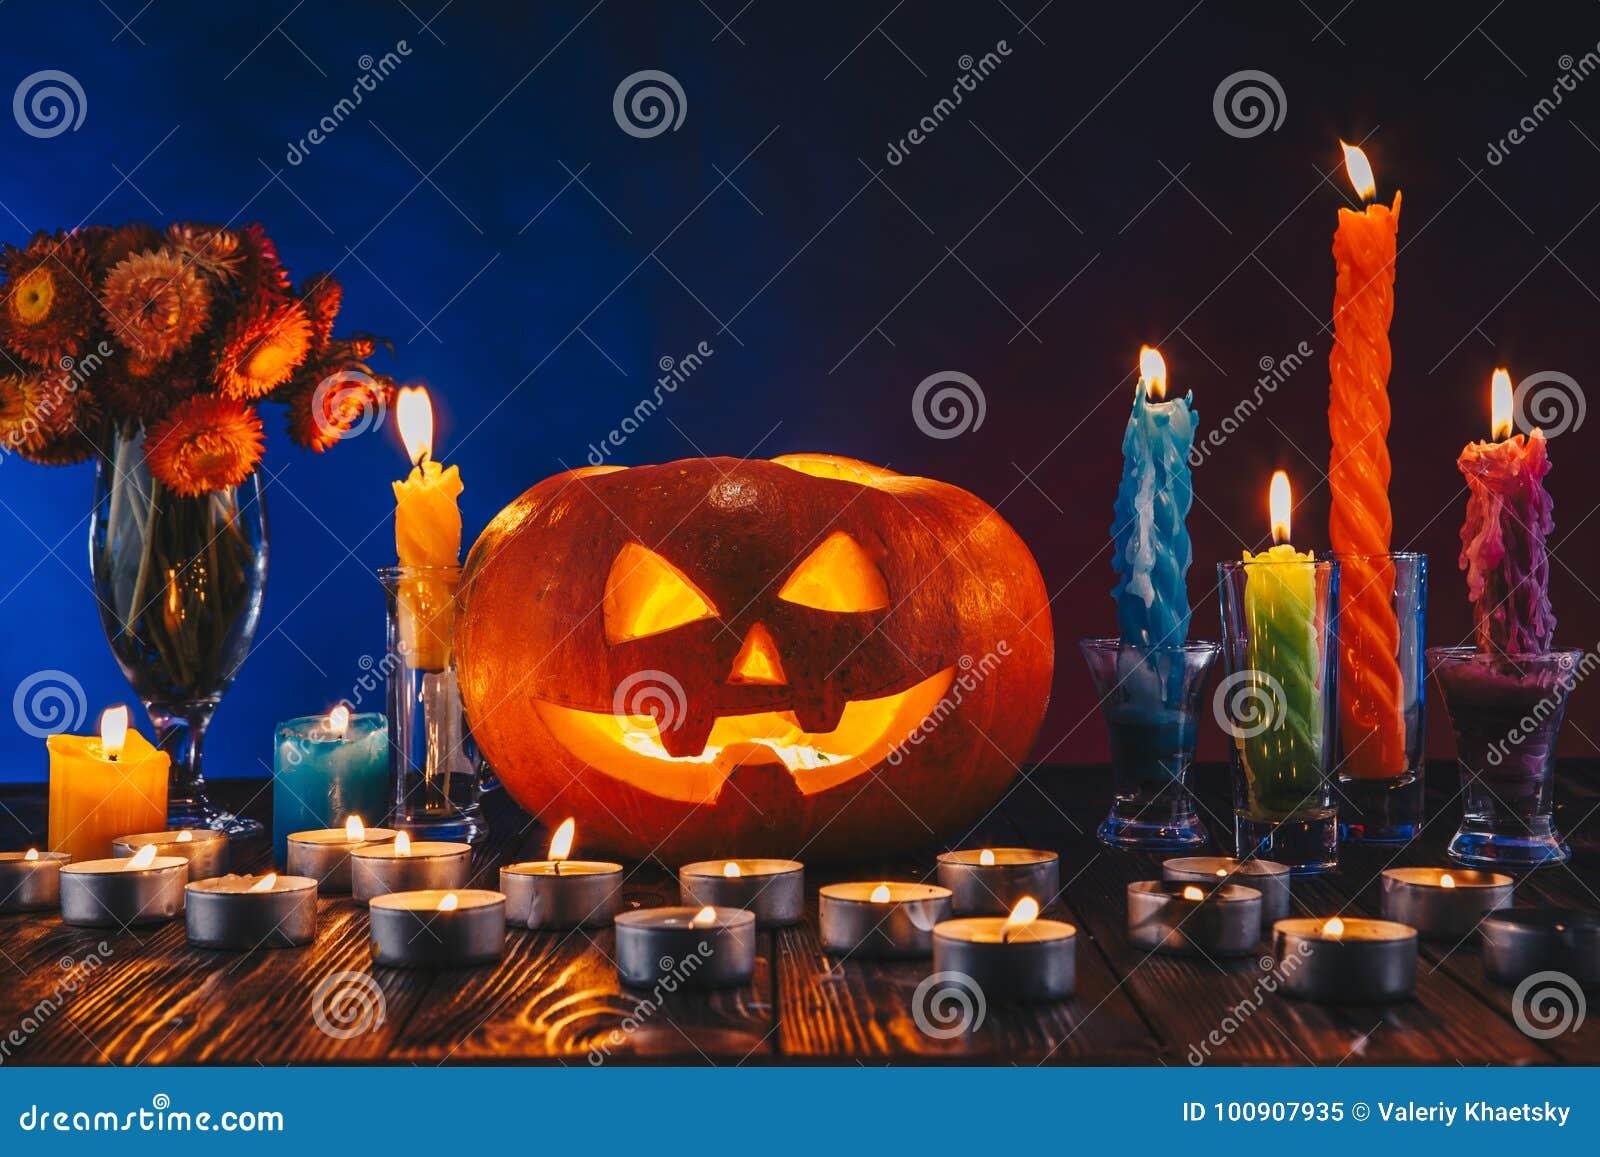 Zucca di halloween con molti candele e fiori nell illuminazione